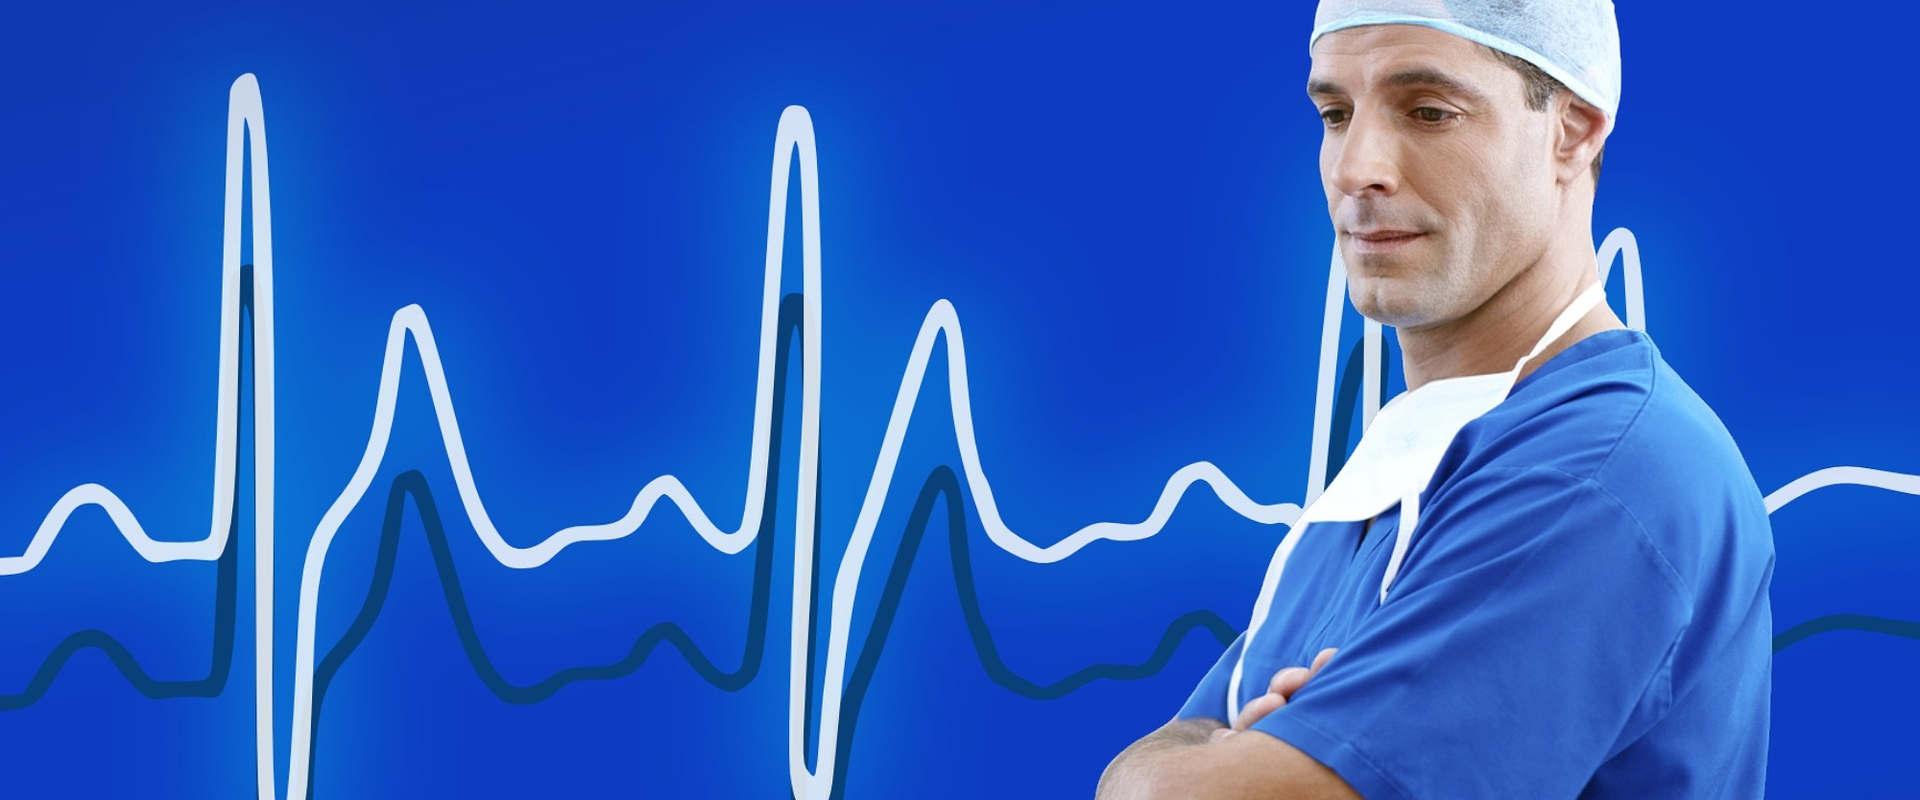 La Maladie Cardiovasculaire: Tout Savoir